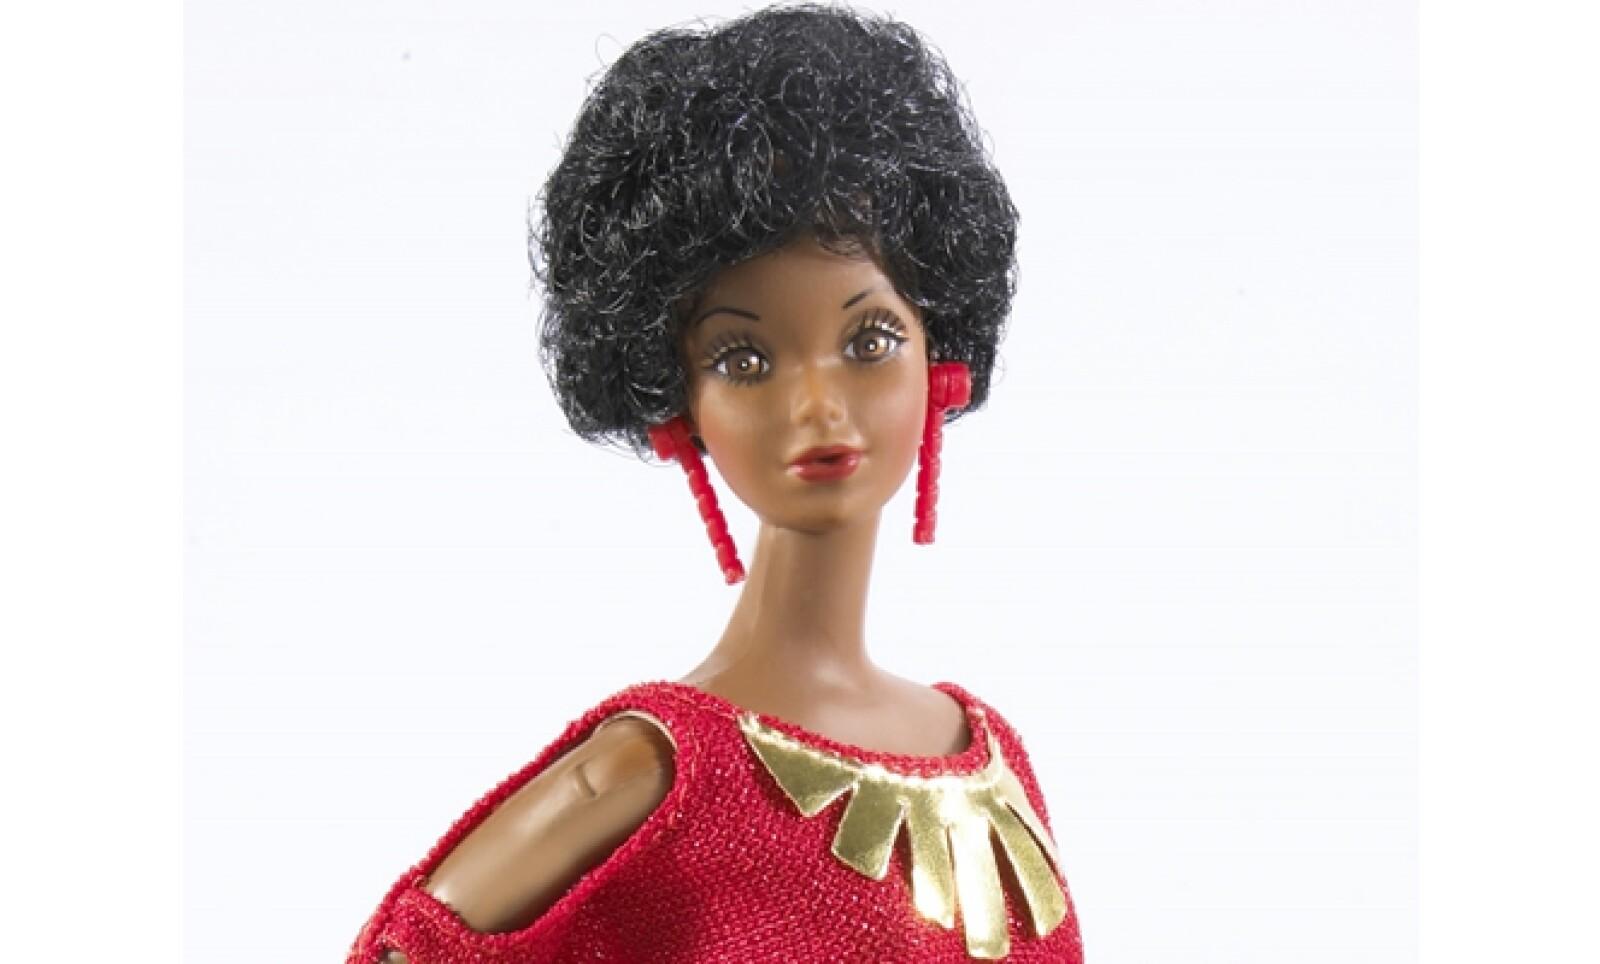 Este año hizo su entrada la primera Barbie afroamericana. Otro modelo de la muñeca llamado Barbie y Los Rockeros lucía grandes cinturones y leggings como los que usaban los grupos de rock de ese momento.